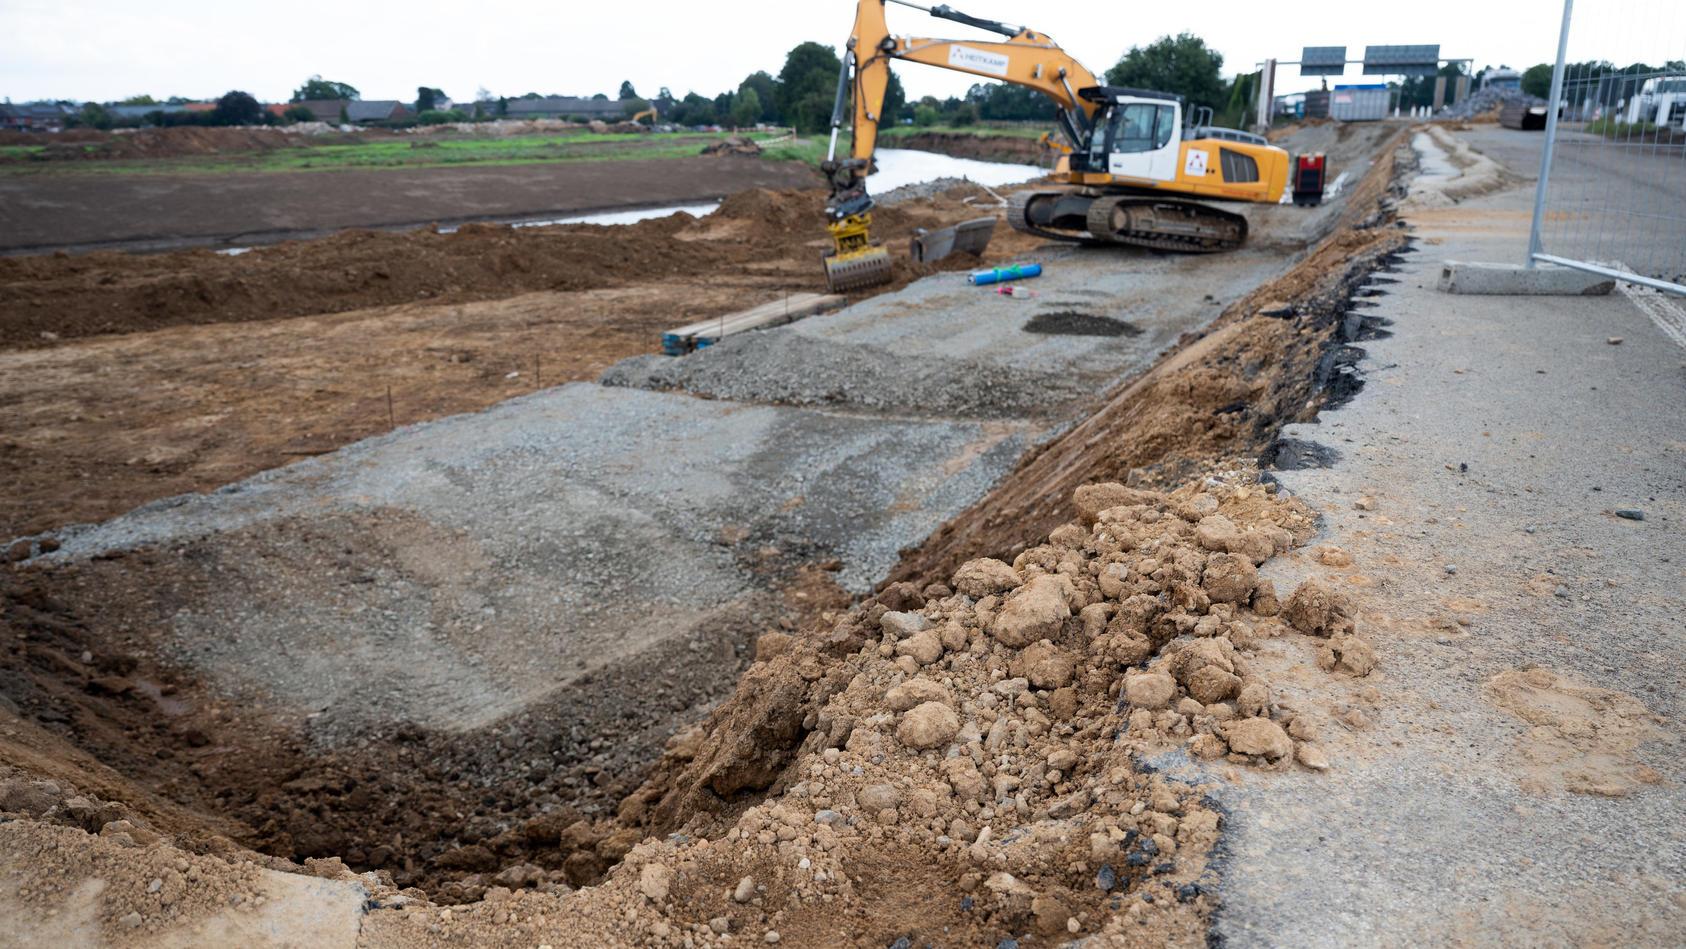 Erste Zwischenbilanz zu den Reparaturen an der A61 und A1 nach Hochwasserschäden gezogen.